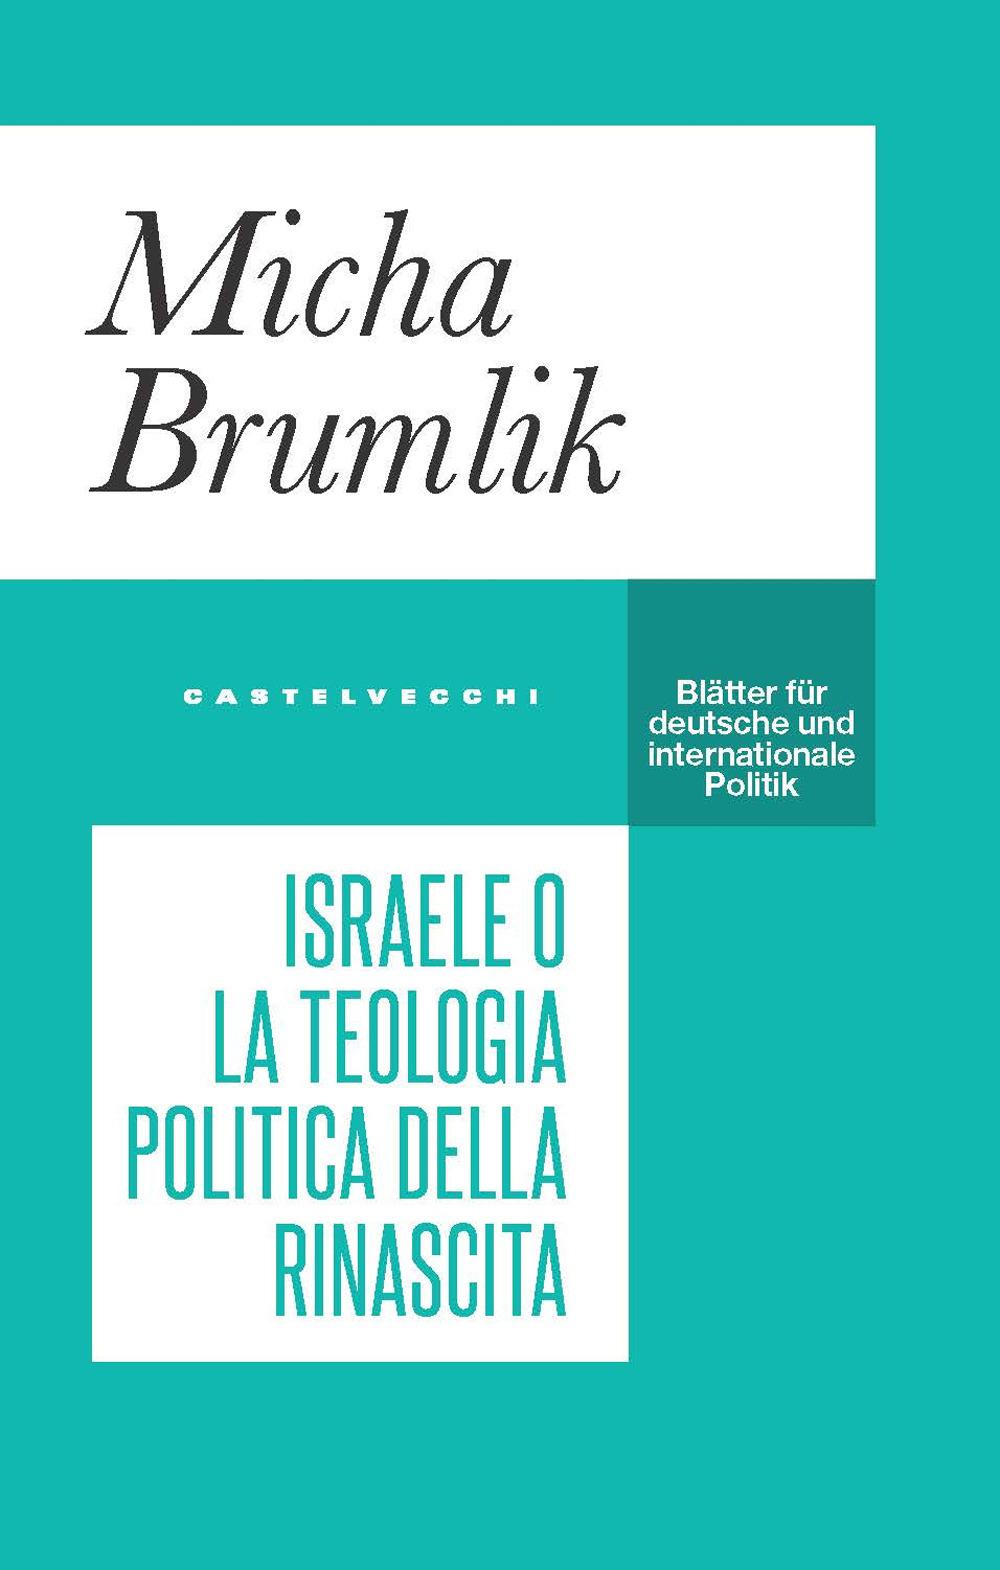 ISRAELE O LA TEOLOGIA POLITICA DELLA RINASCITA - Brumlich Micha - 9788832829181